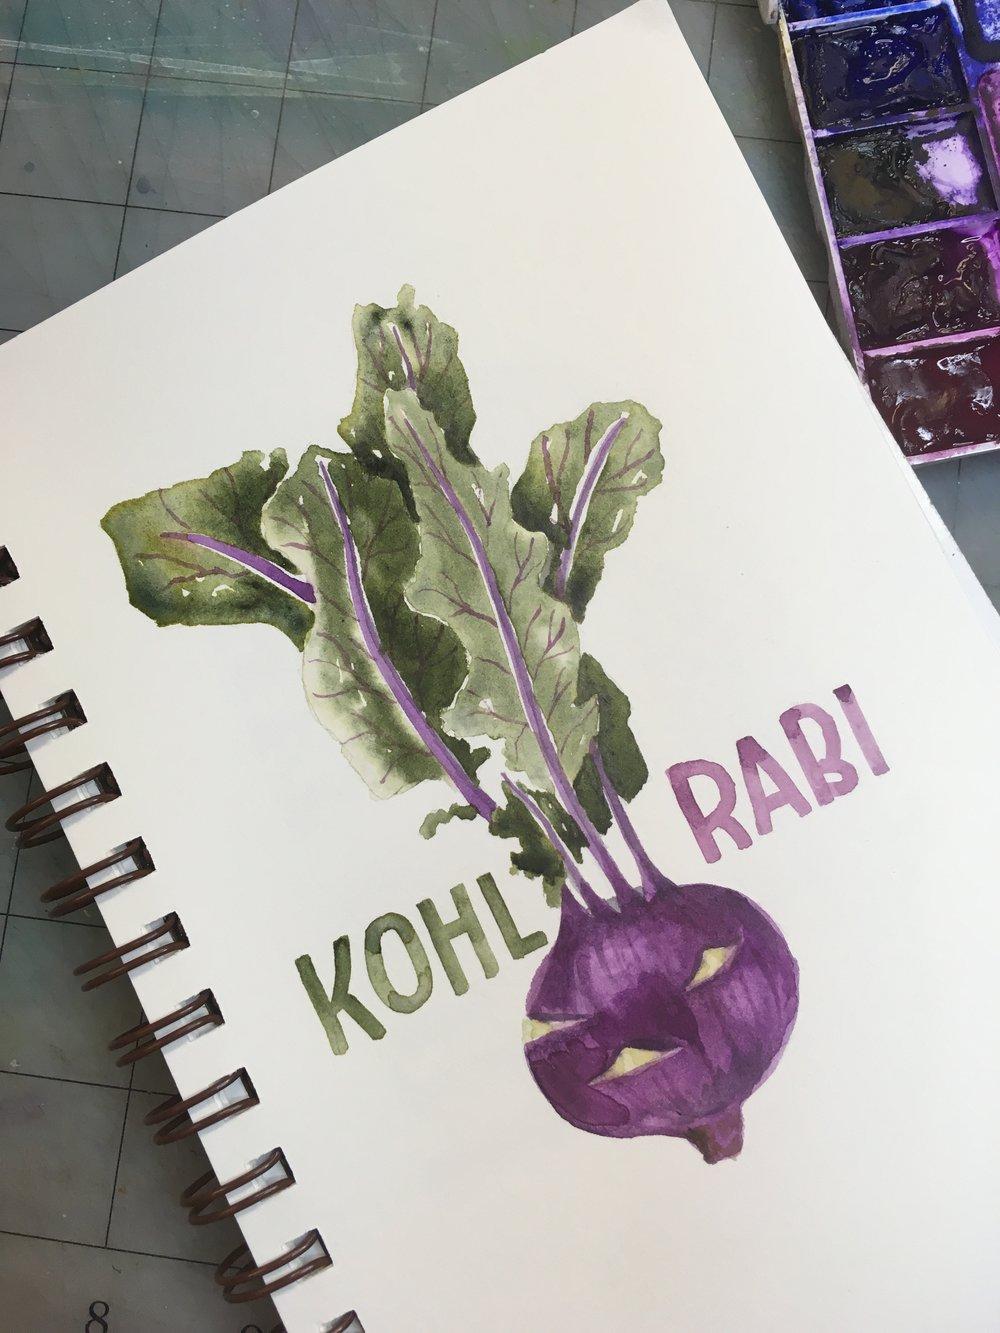 Kohl Rabi, watercolor © Denise Ortakales